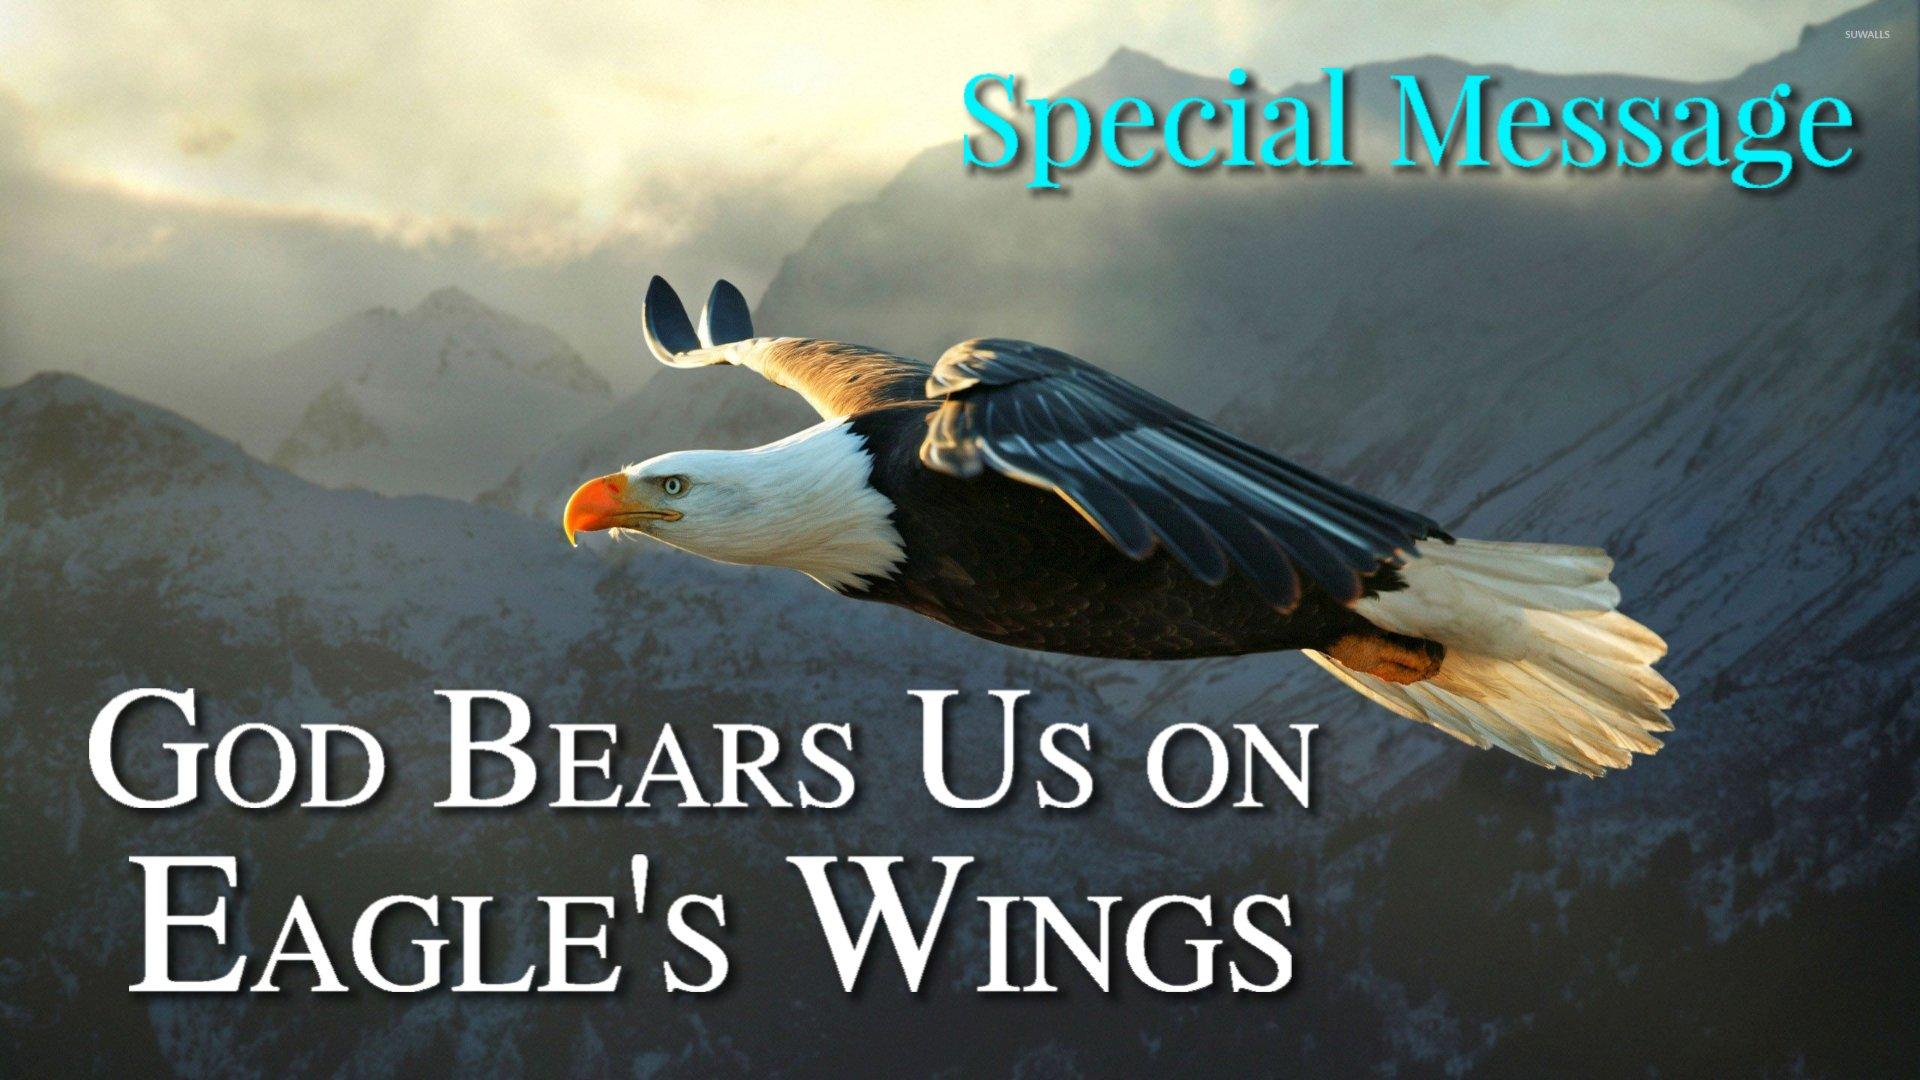 20 God Bears Us on Eagles Wings